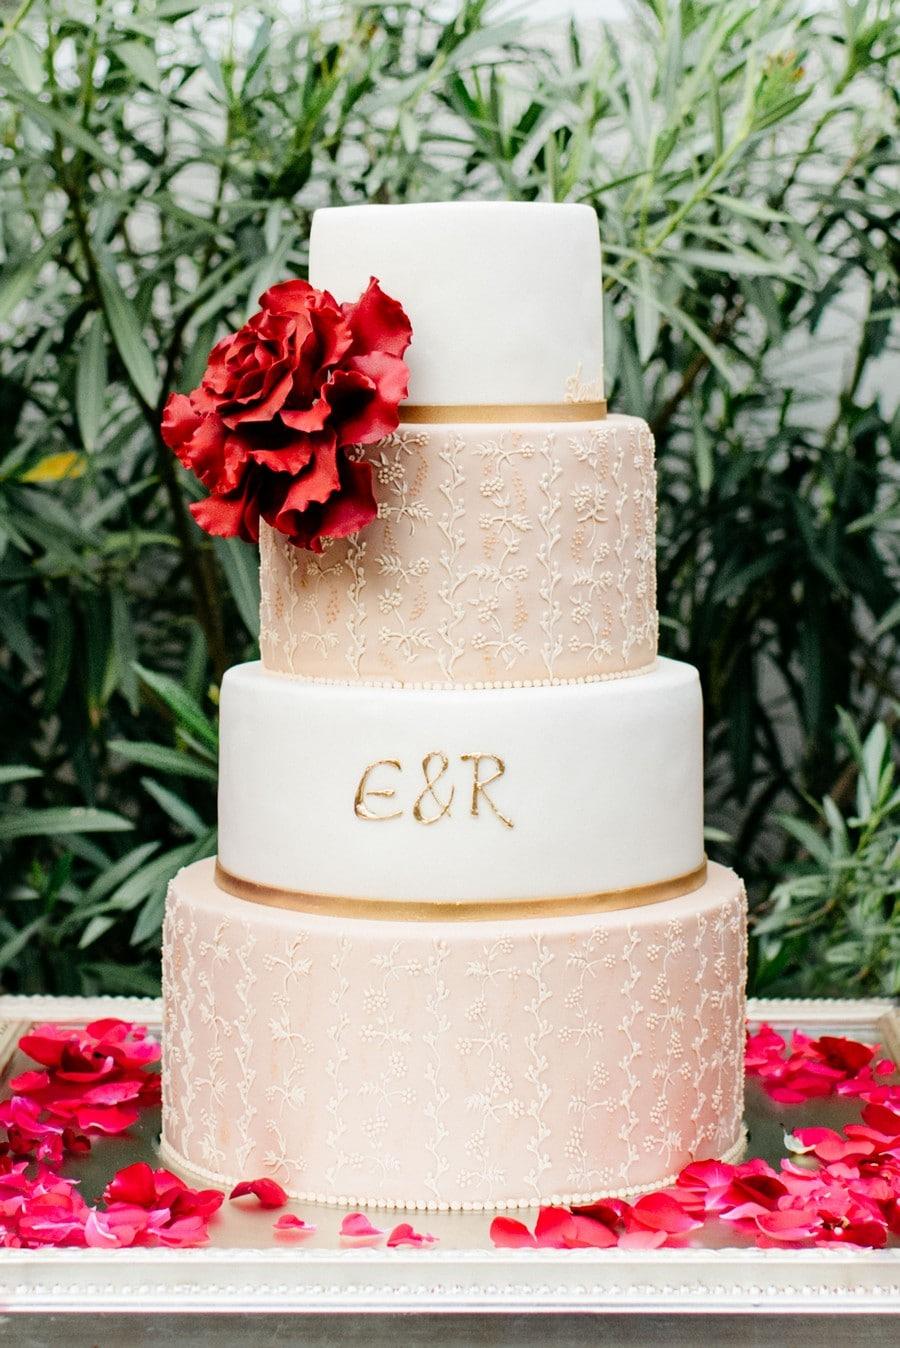 Kunstvolle Hochzeitstorte mit zarter Verzierung in blush und Weiß